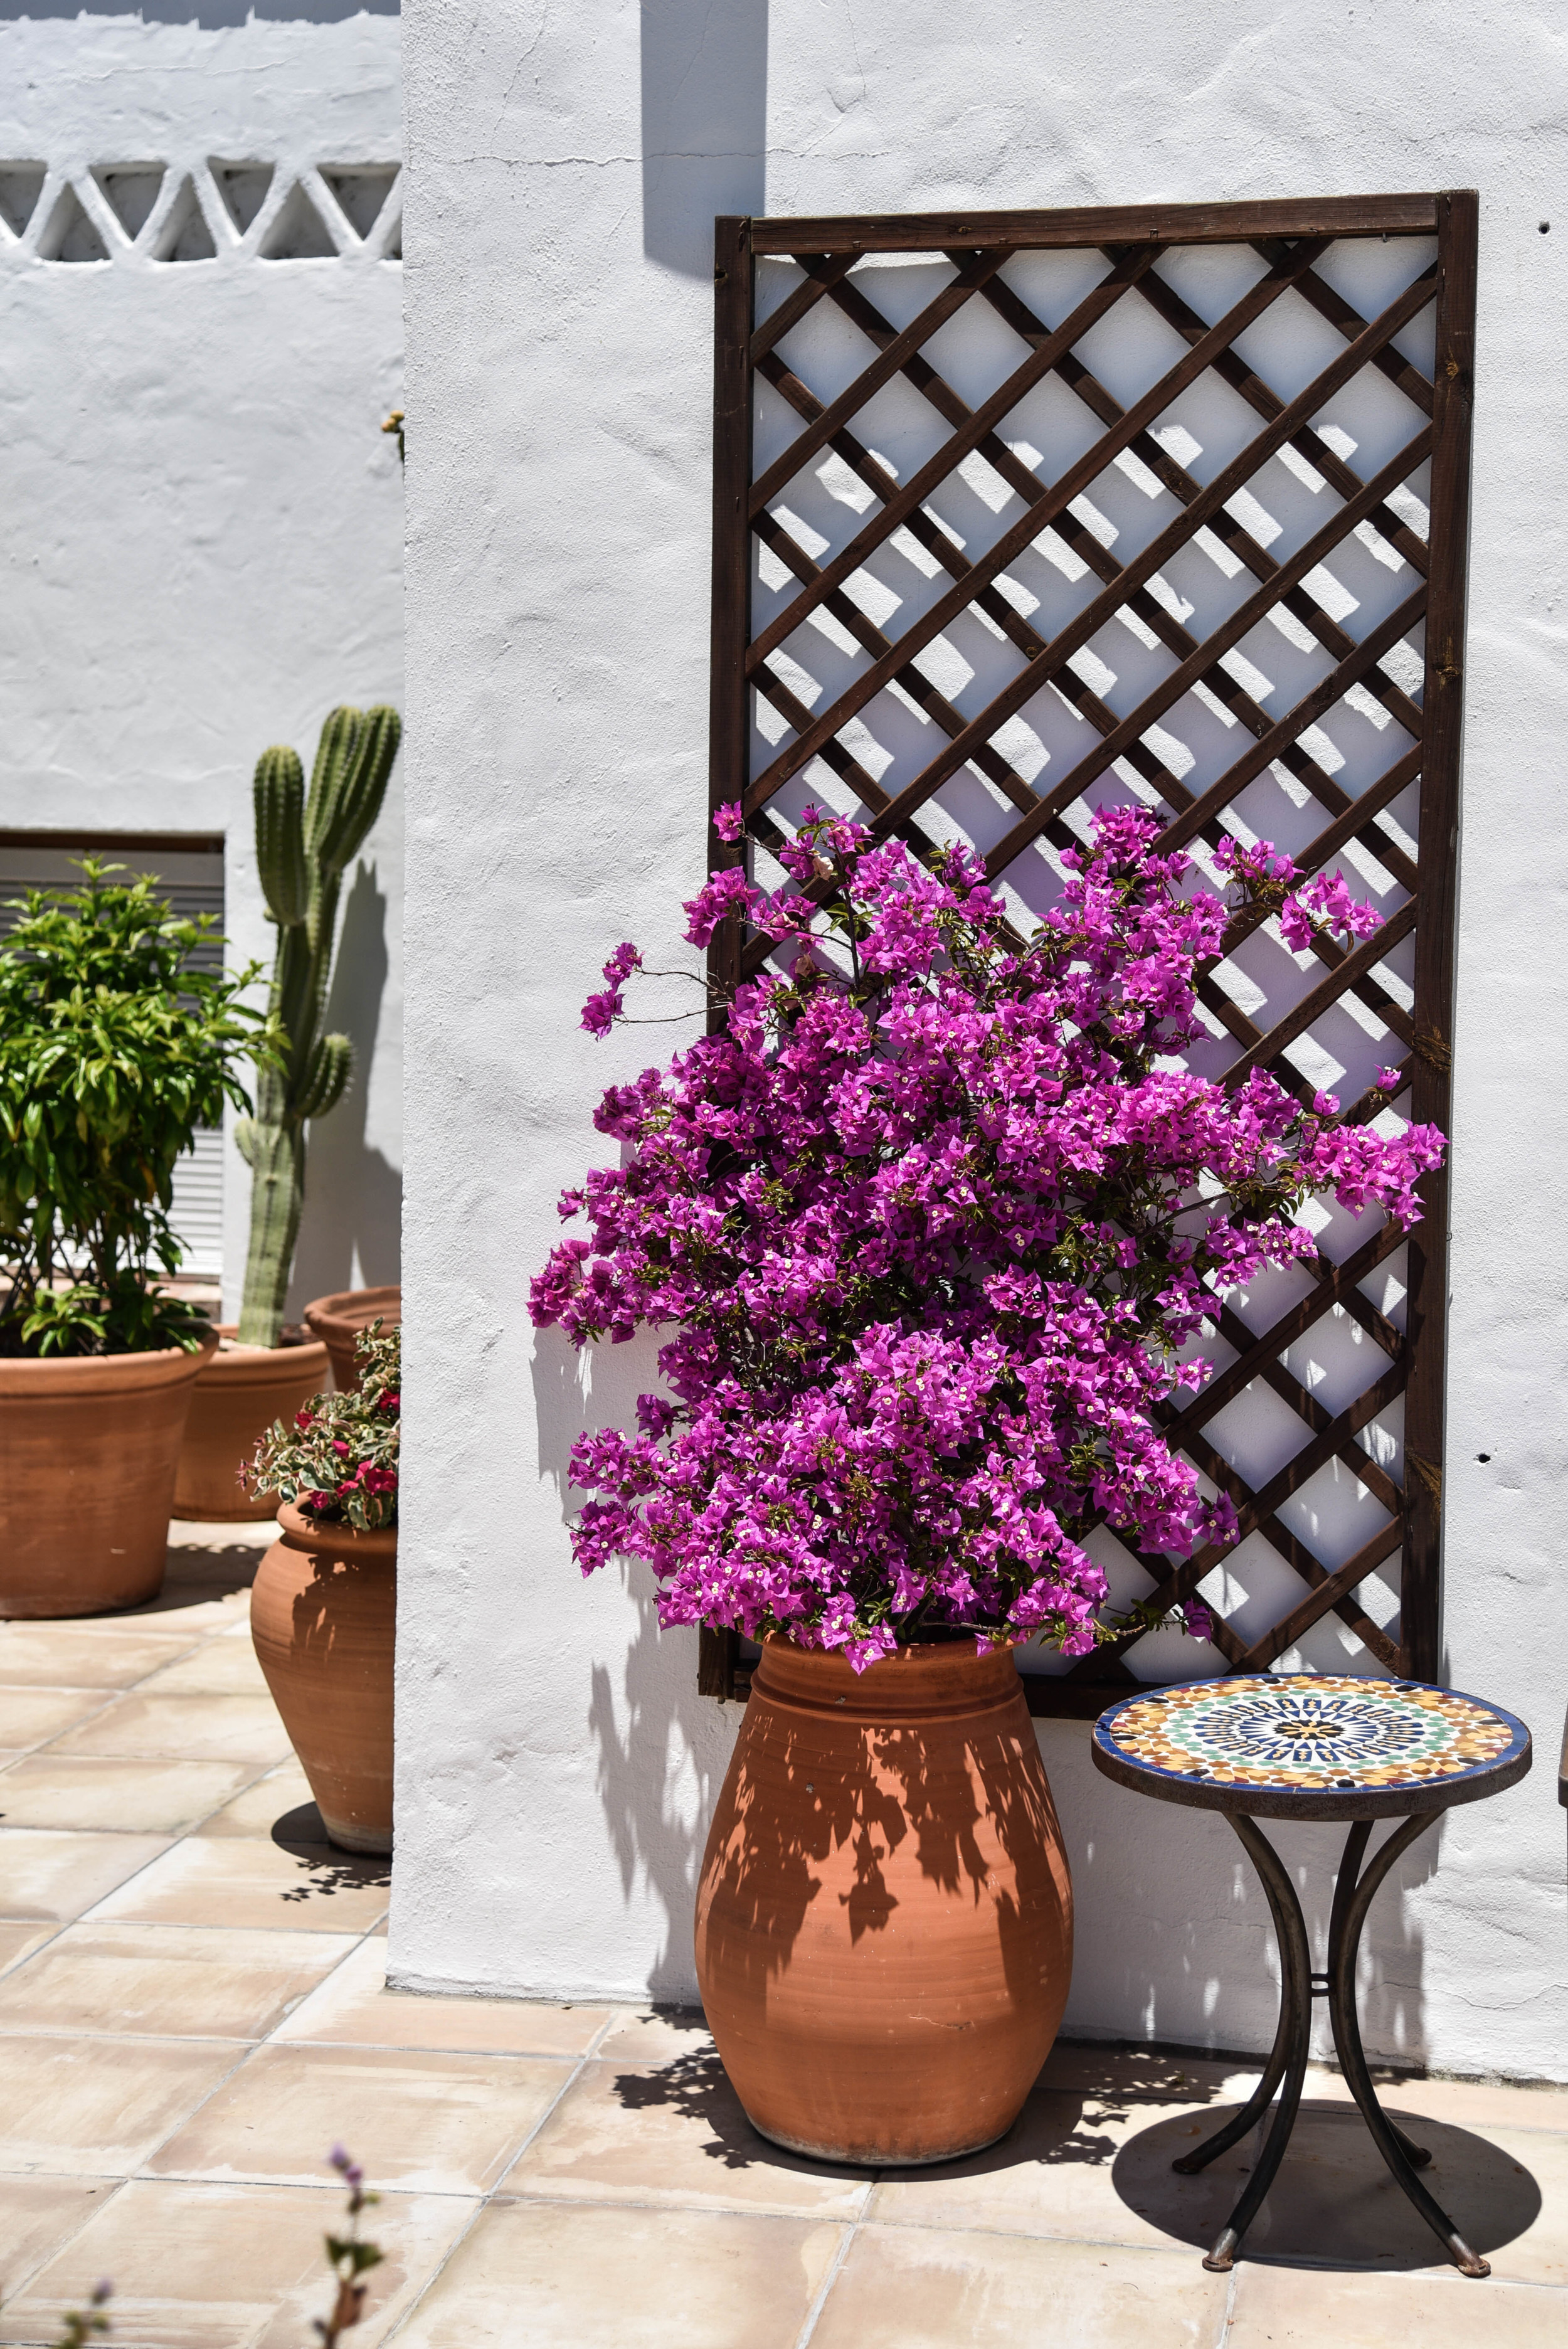 ROSE & IVY Journal Escape Hotel Califa Vejer Spain